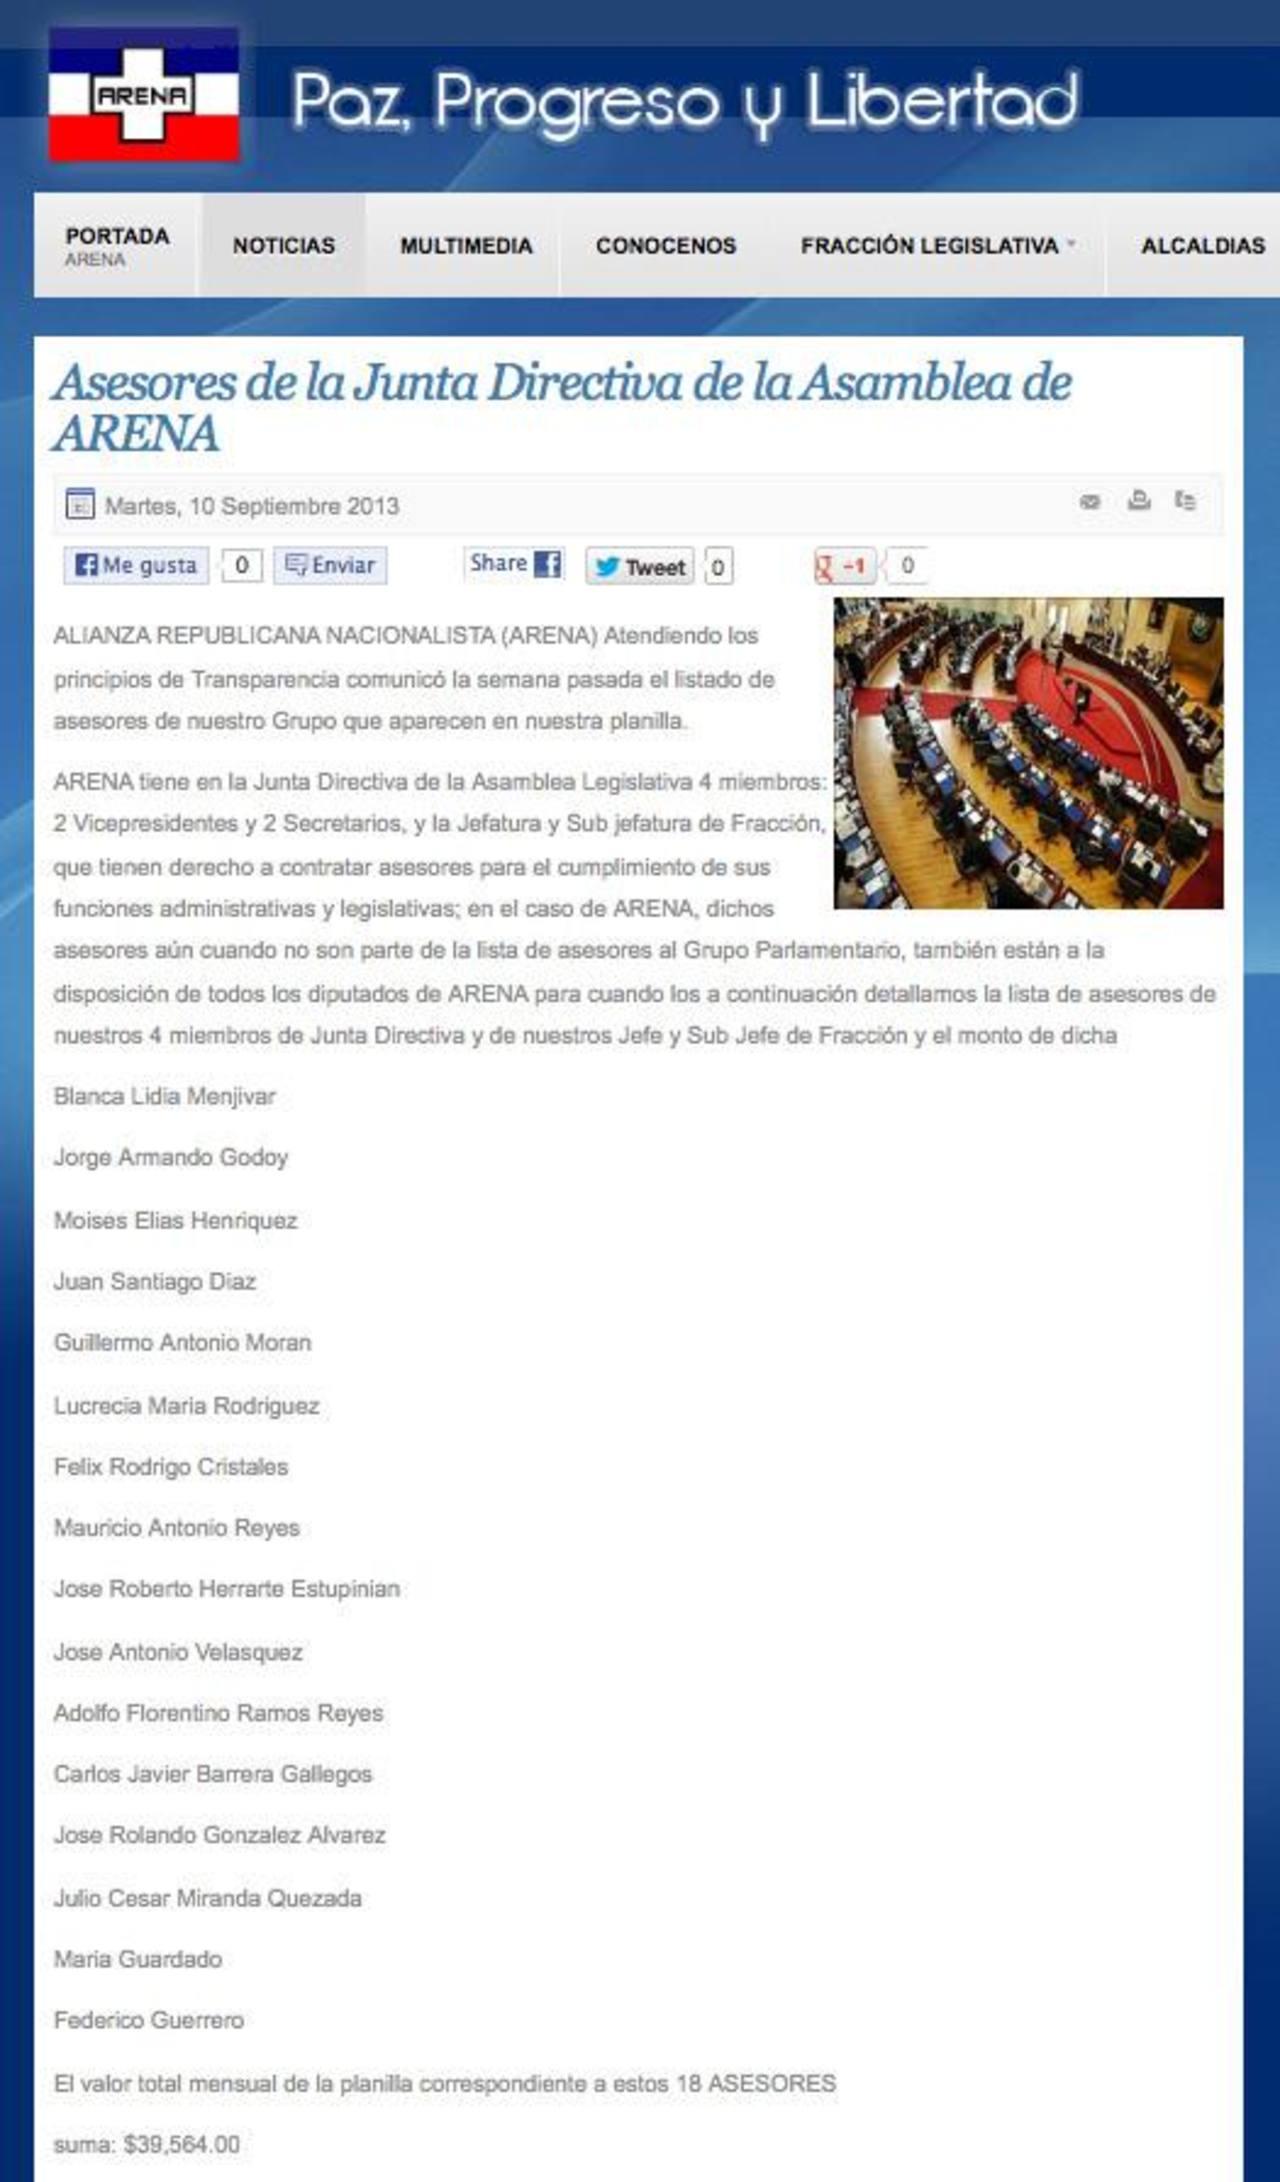 ARENA publicó anoche en su sitio de Internet el listado con los nombres de los asesores que están al servicio de la Junta Directiva, del subjefe y jefe de la fracción tricolor. foto EDH